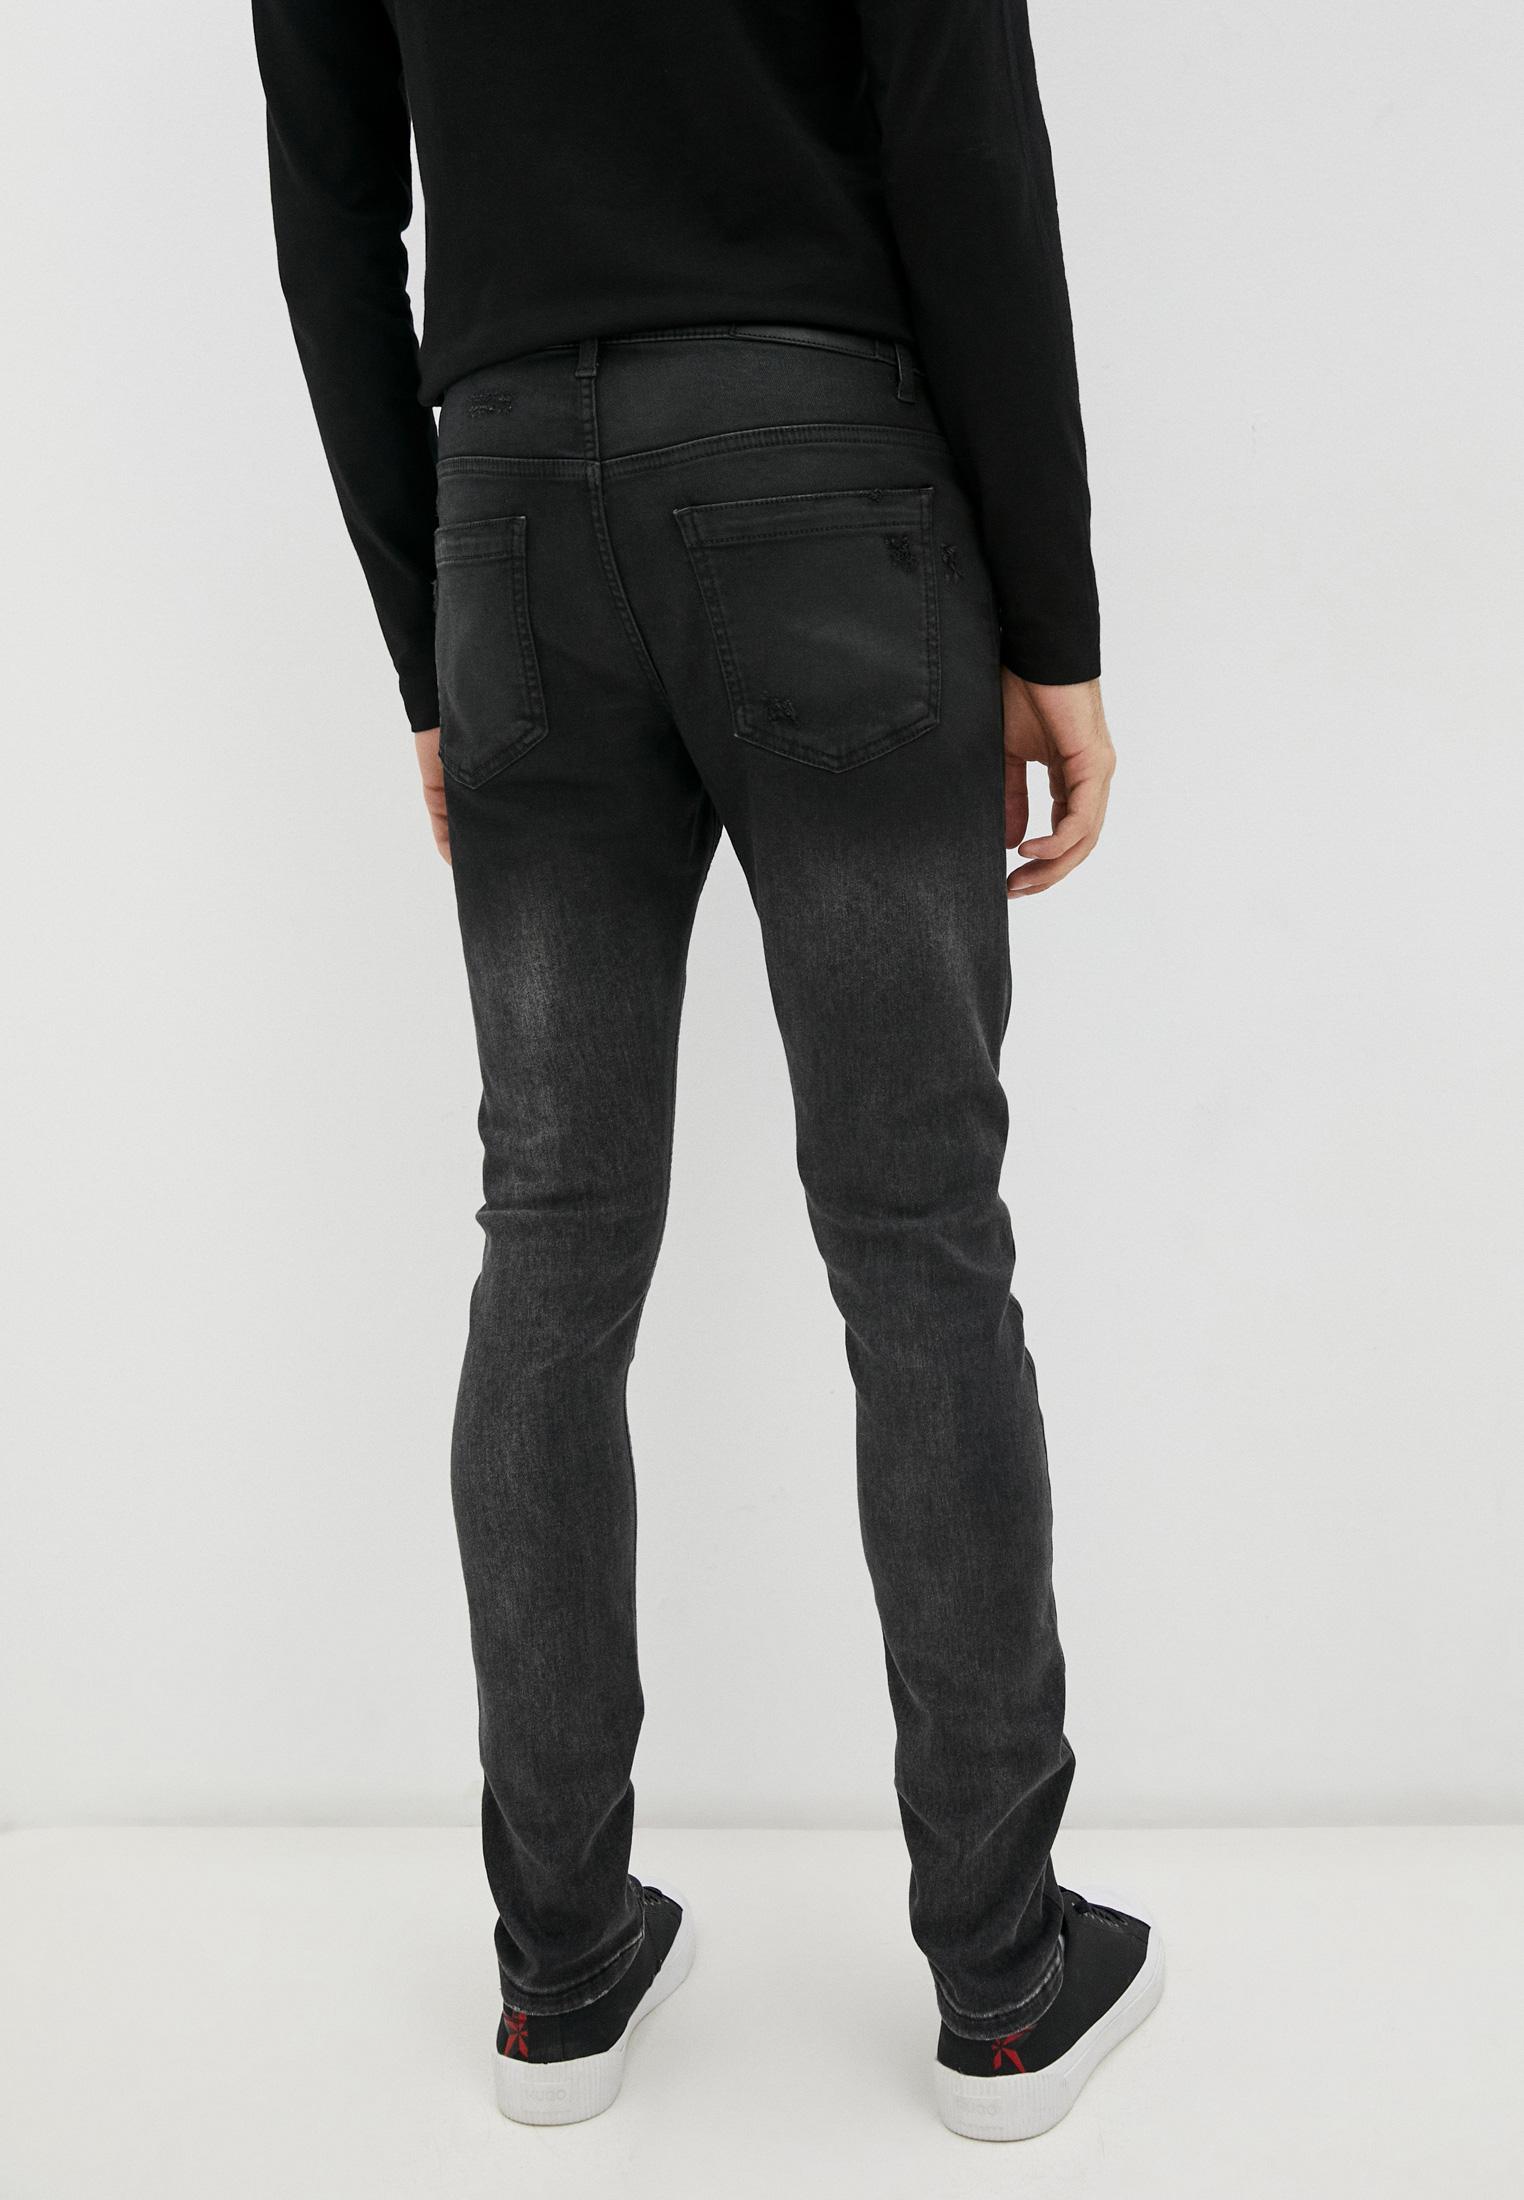 Мужские зауженные джинсы Bikkembergs (Биккембергс) C Q 001 85 S 2927: изображение 4